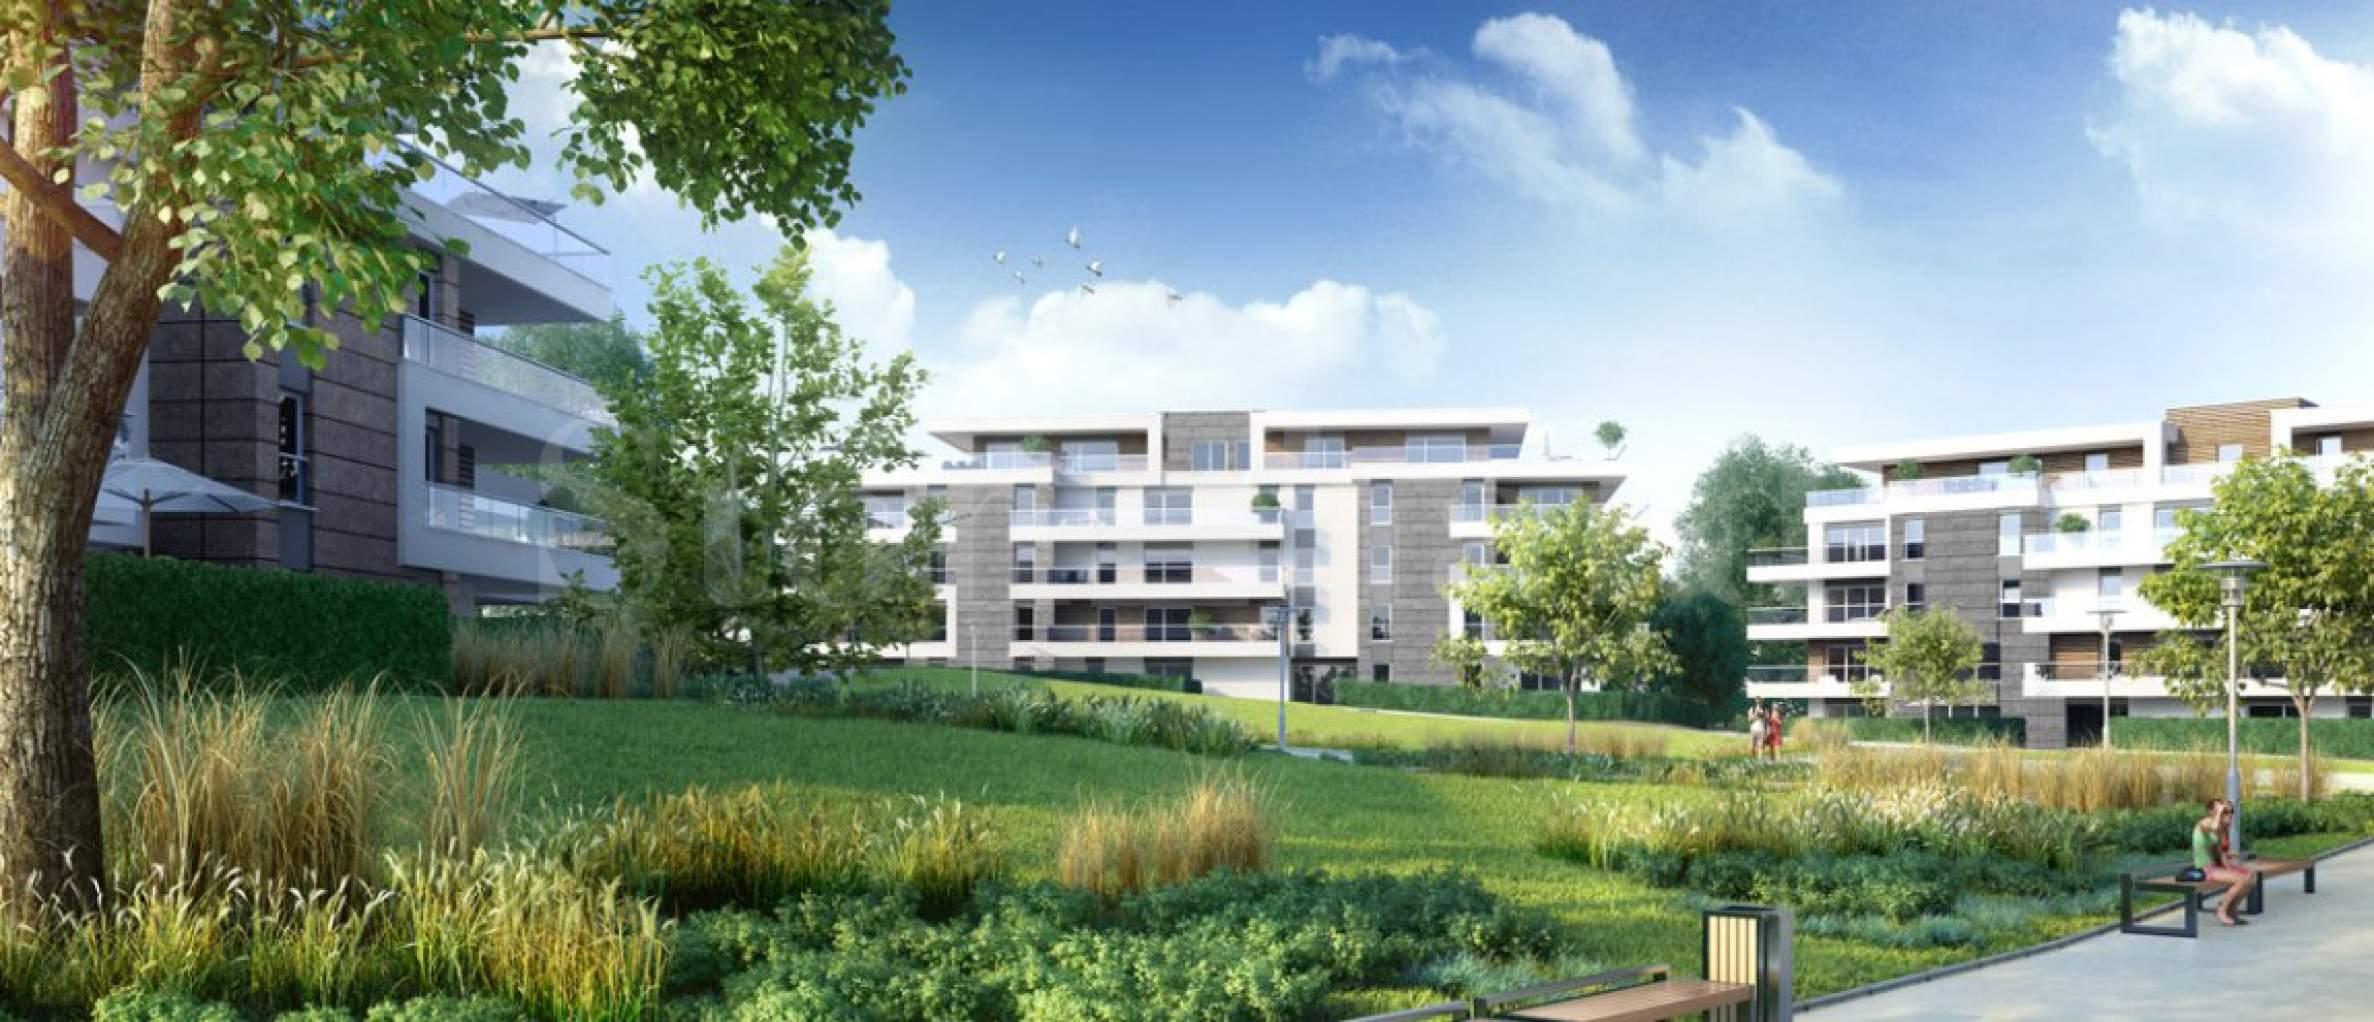 Нови апартаменти във френски град Thoiry, 10 км от Женева2 - Stonehard